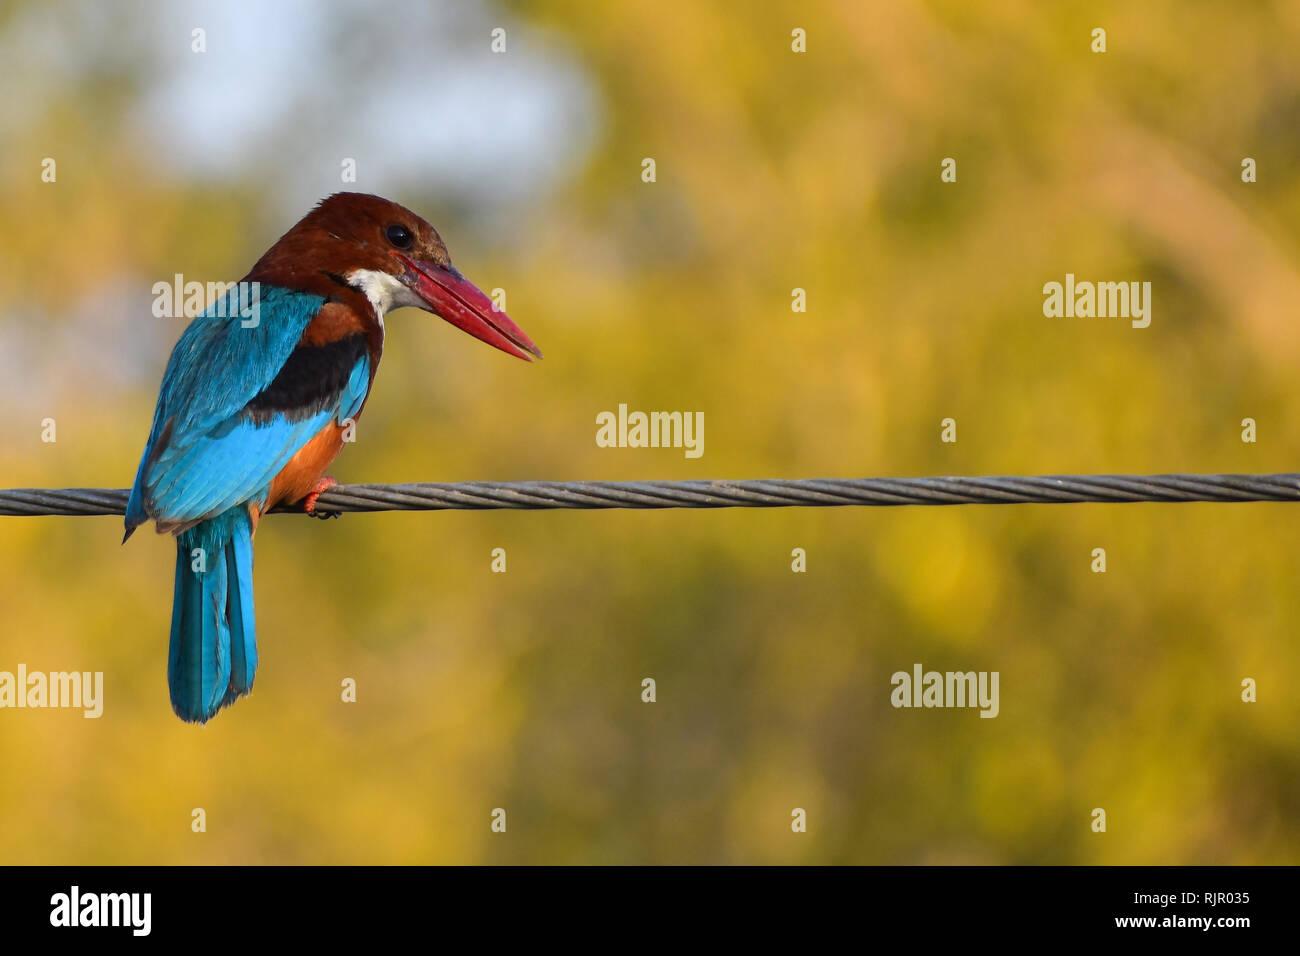 White Throated Kingfisher, Udaipur, Rajasthan, India - Stock Image